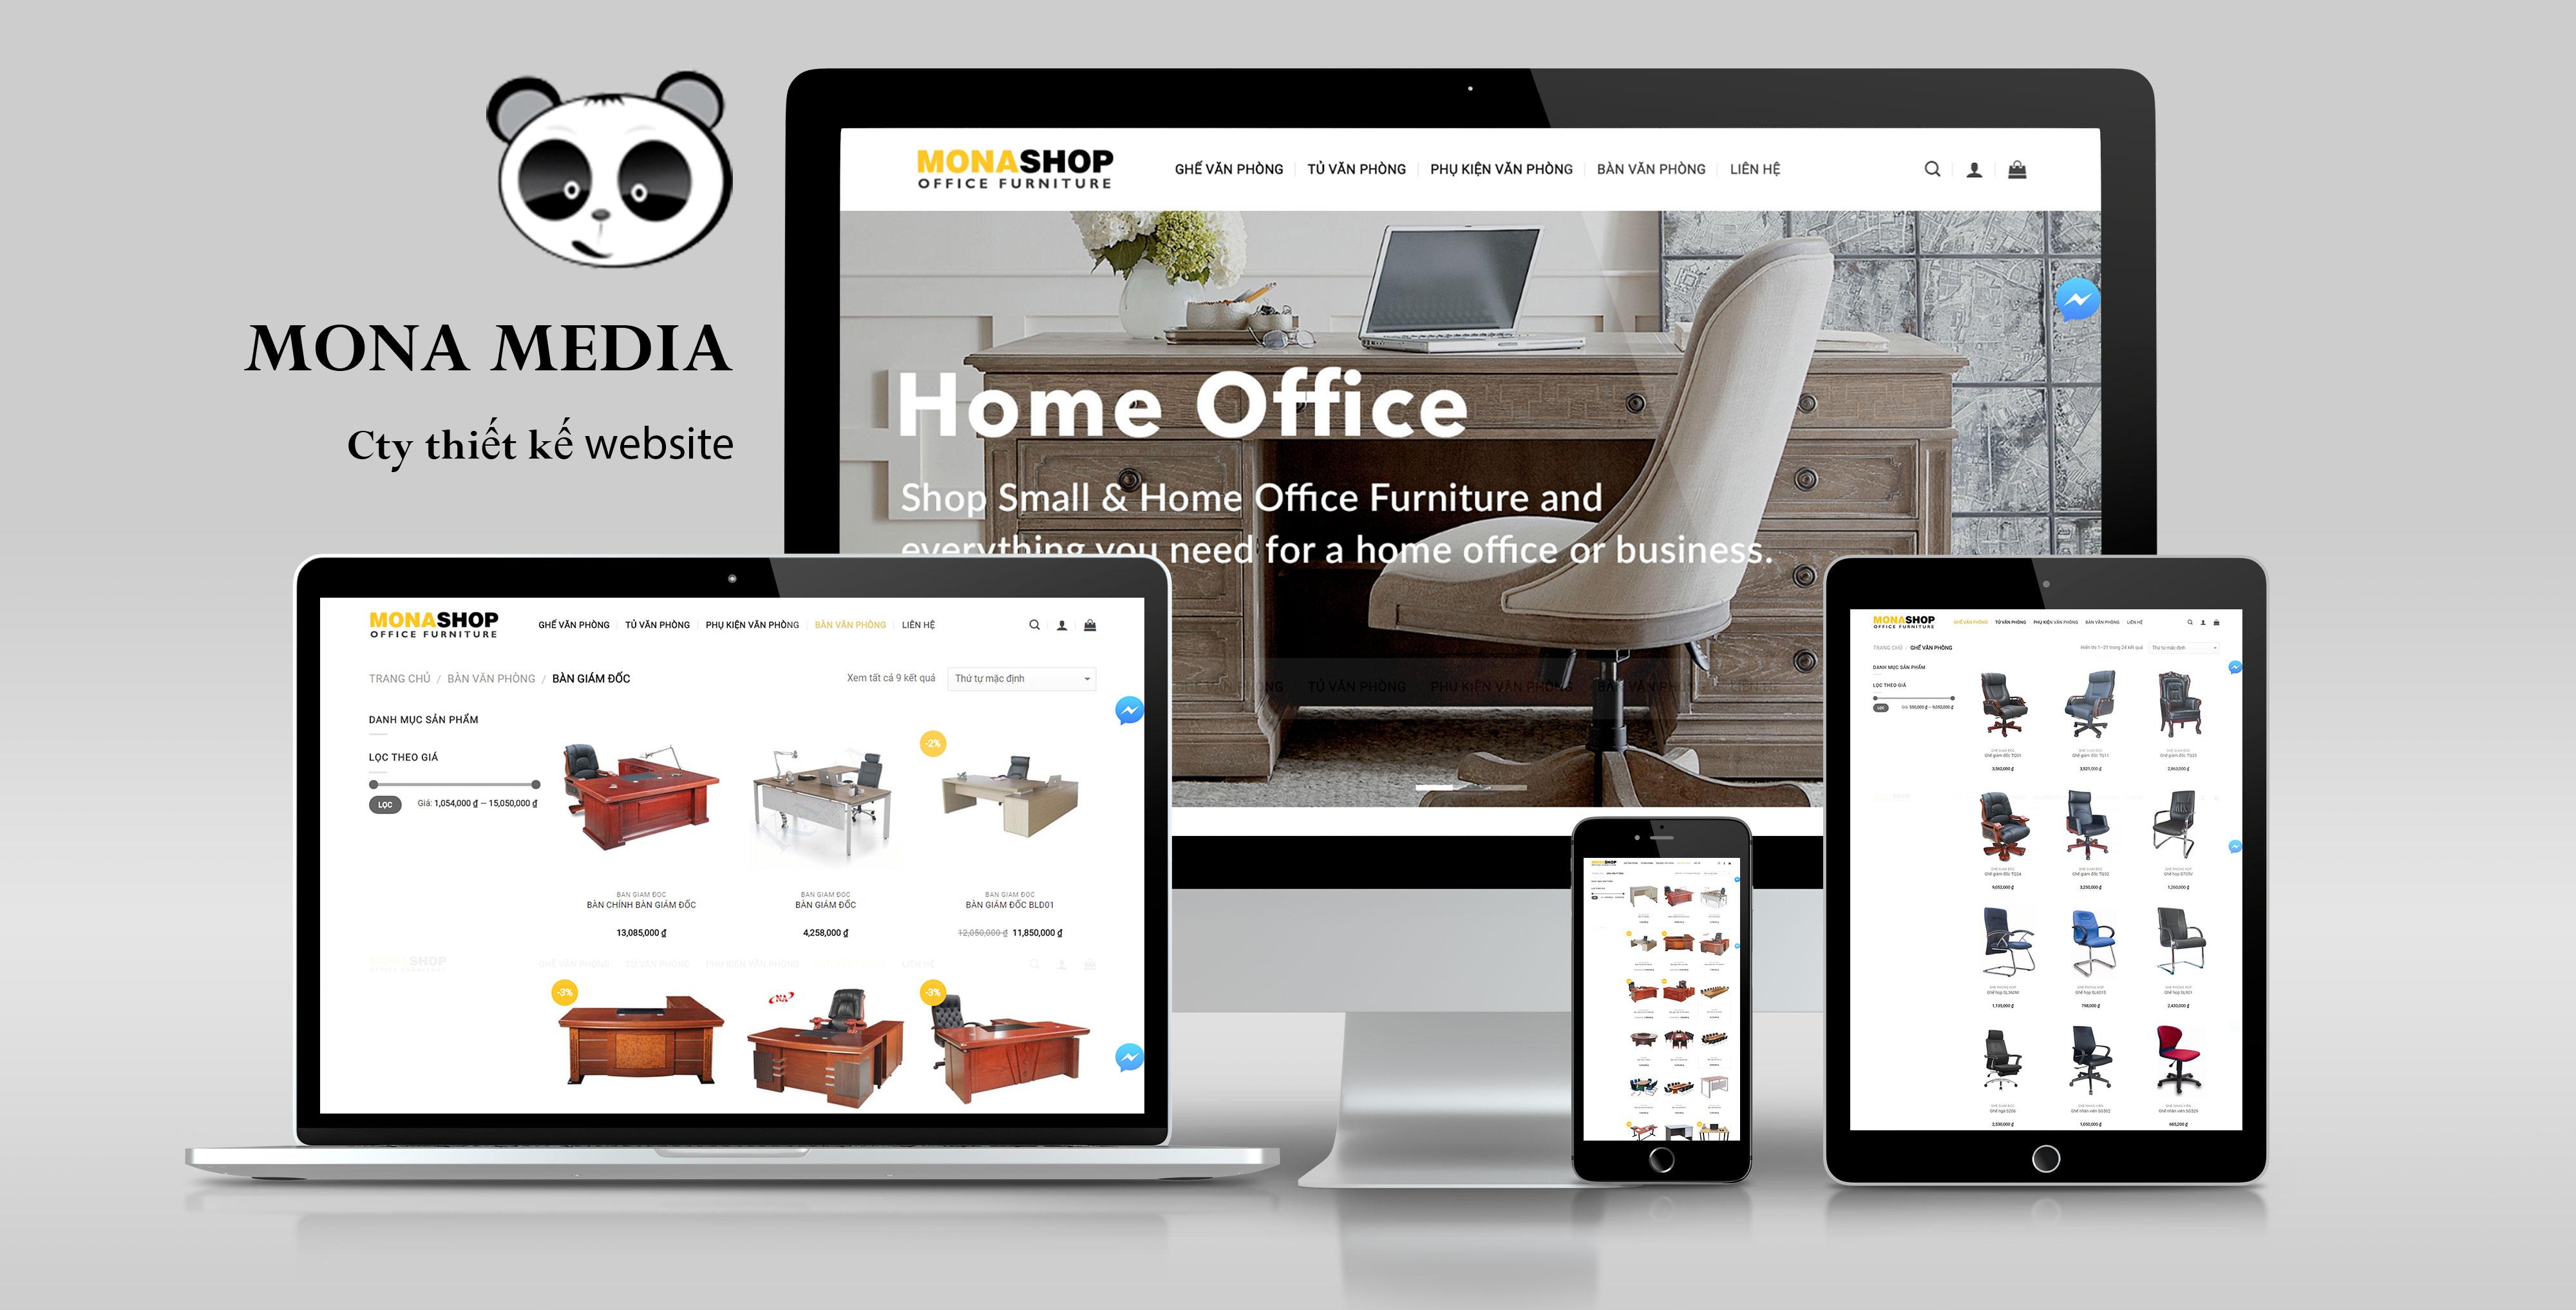 Mẫu website bán hàng nội thất văn phòng